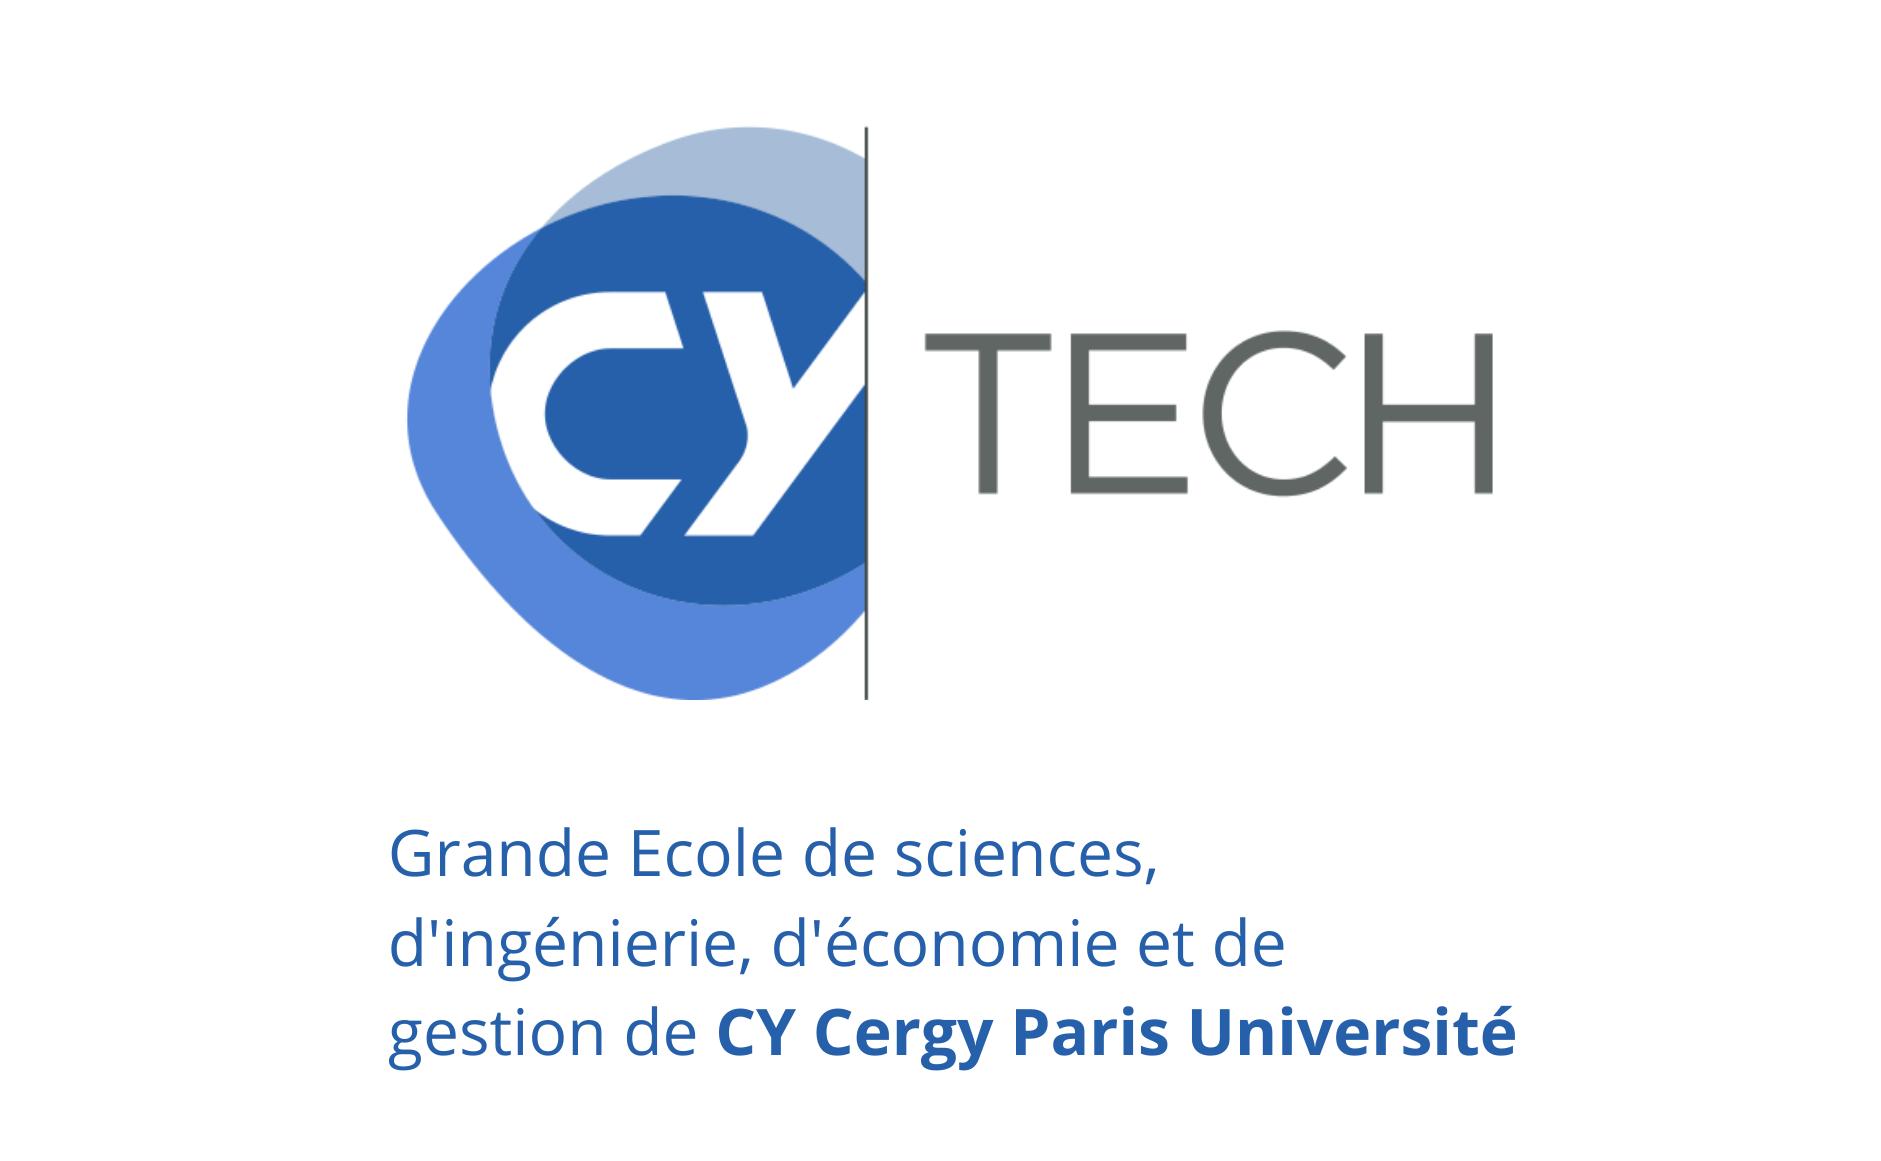 CY Tech] L'université lance en janvier 7 Mastères Spécialisés* - CY Cergy Paris Université